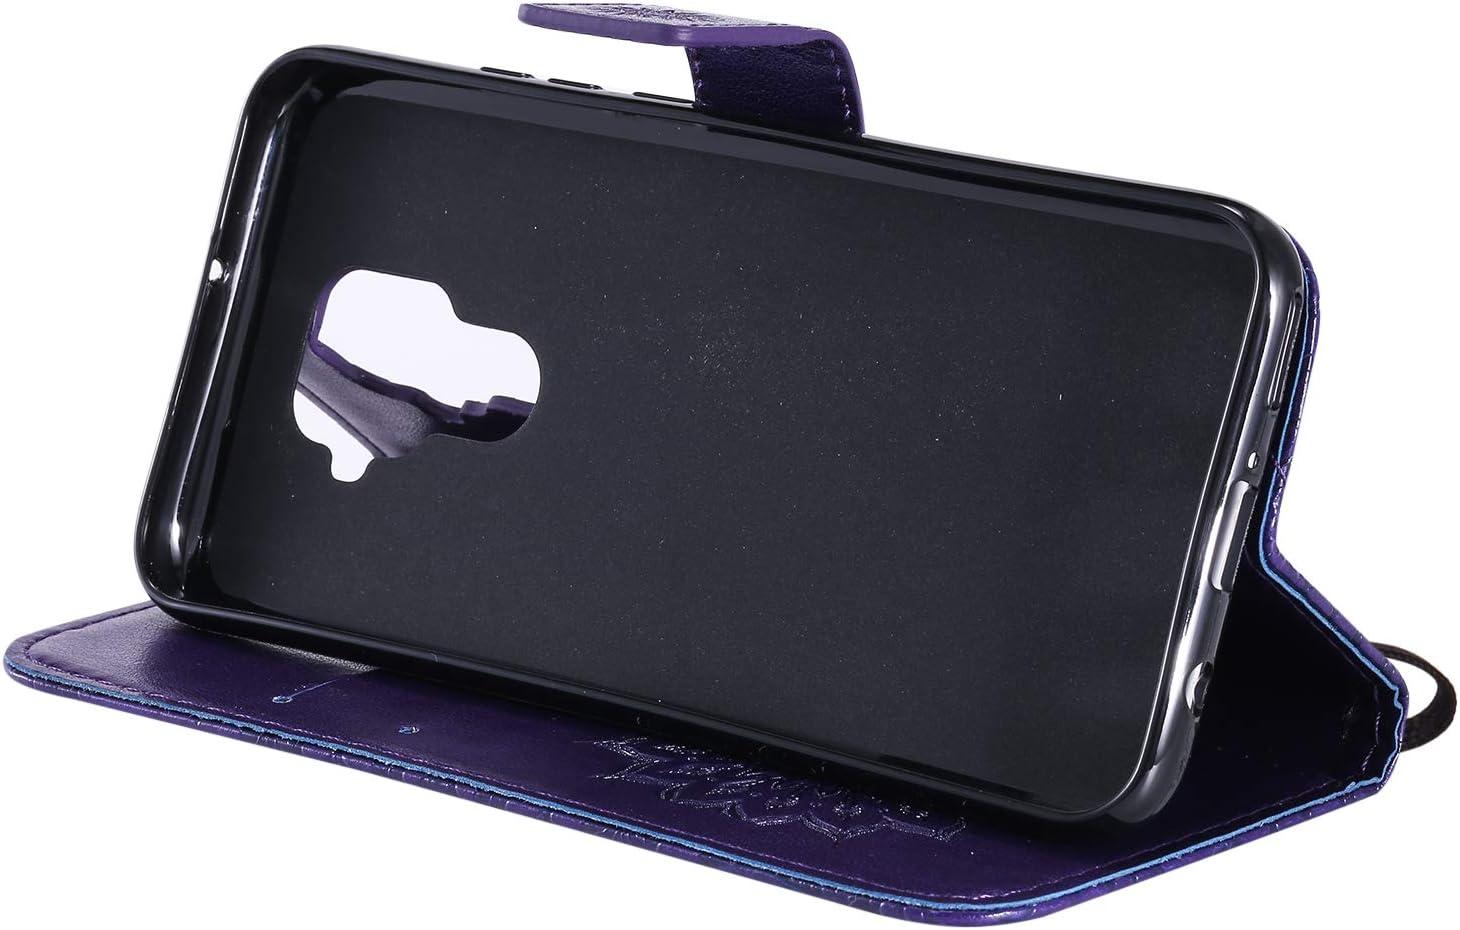 NEXCURIO Wallet Case for Huawei Mate 30 Lite//nova 5i Pro with Card Holder Side Pocket Kickstand NEKTU020540 Hot Pink Shockproof Leather Flip Cover Case for Huawei Mate30 Lite